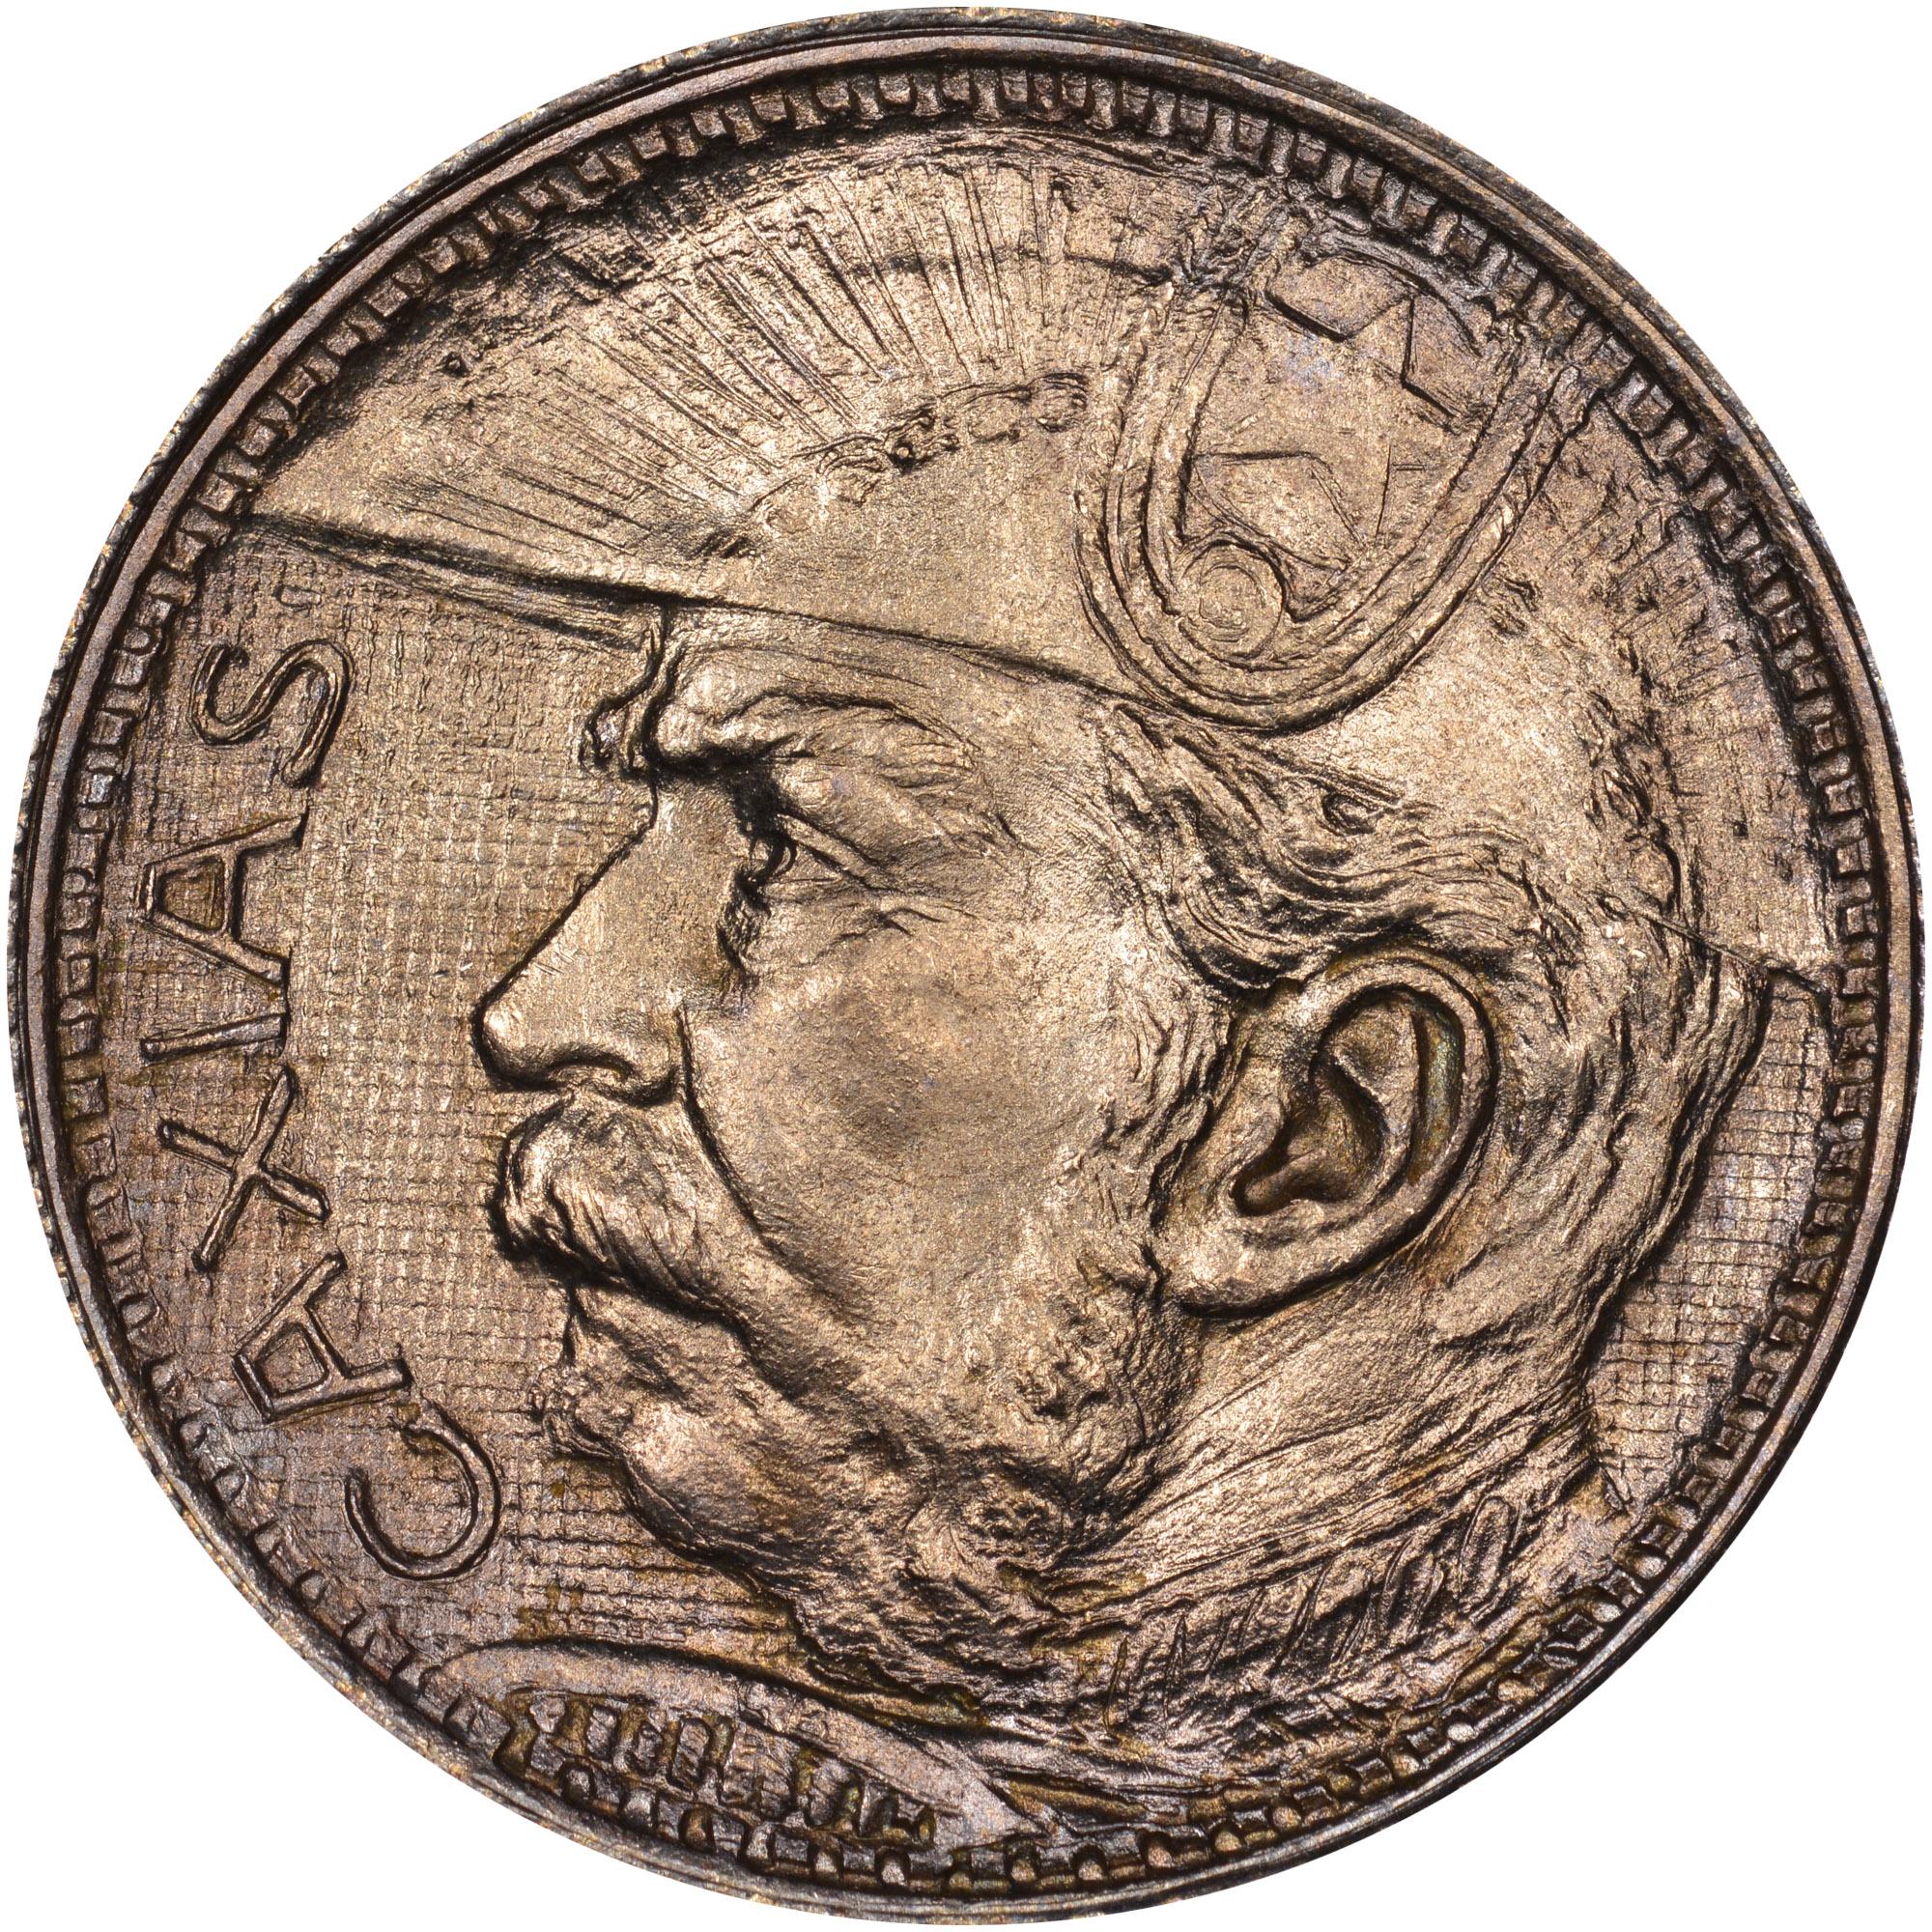 1935 Brazil 2000 Reis obverse